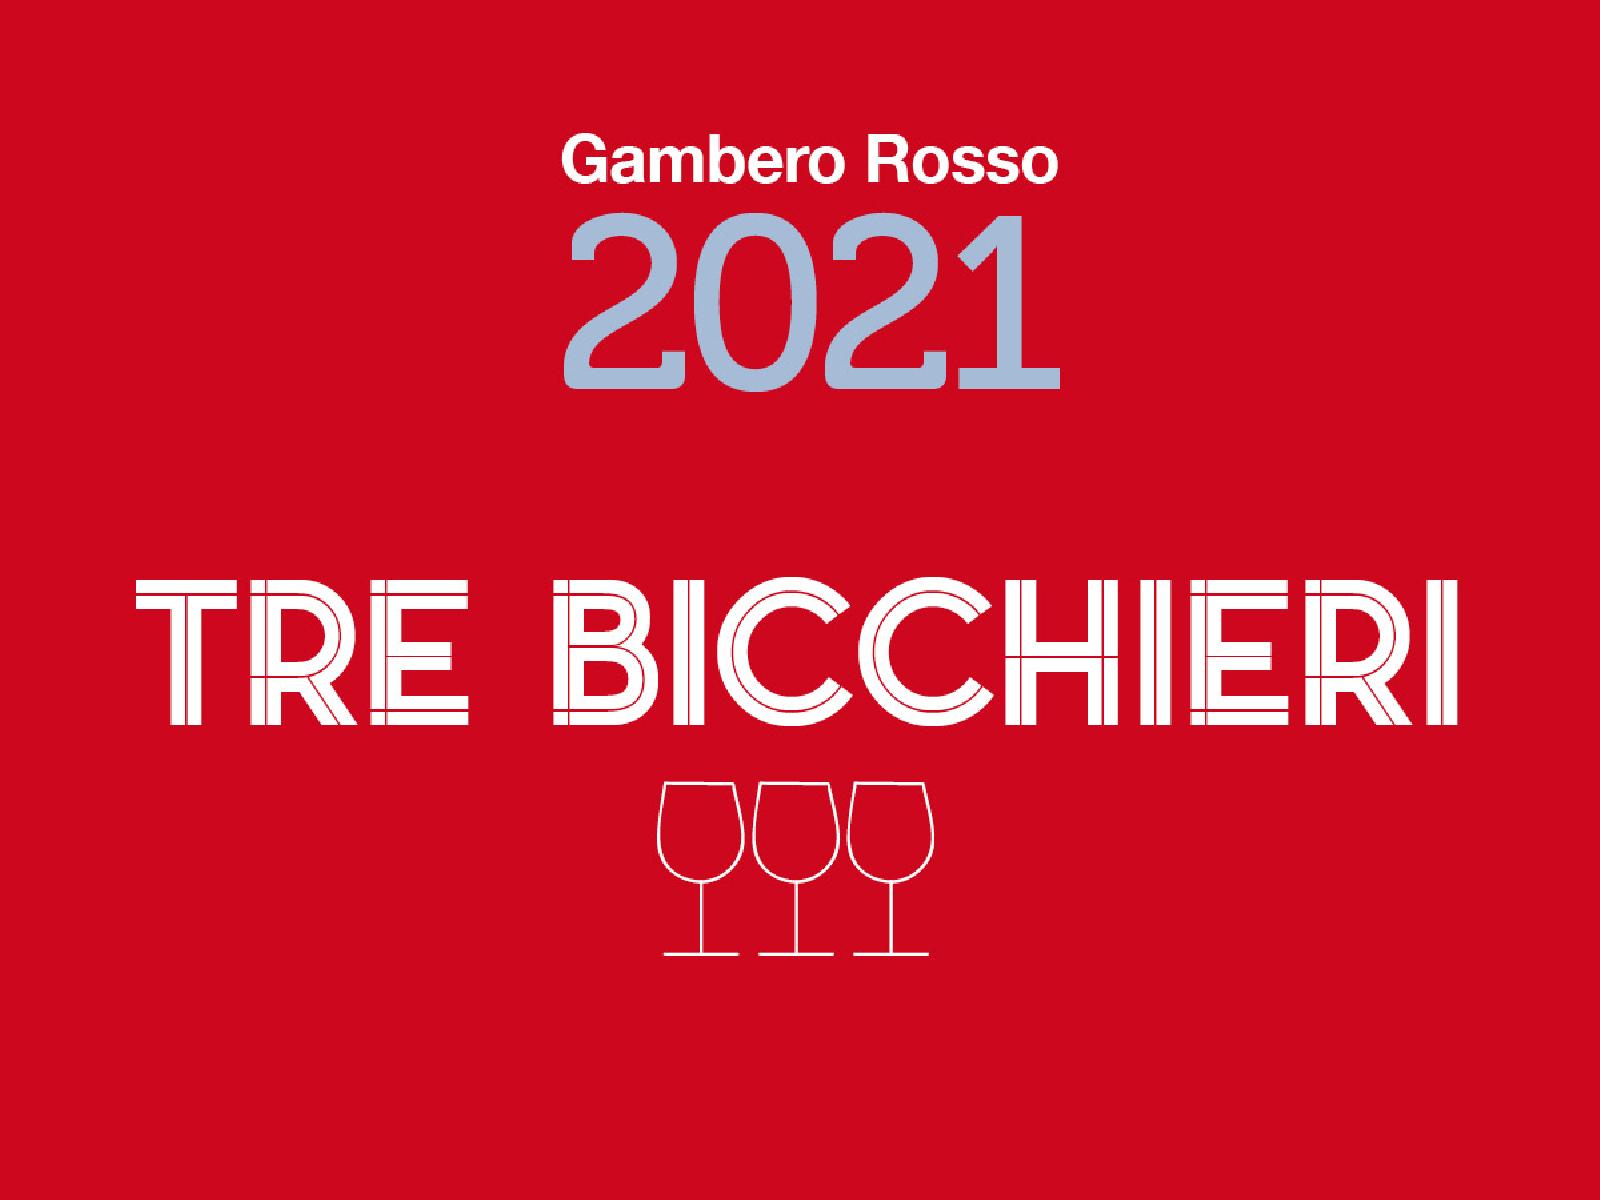 Tre Bicchieri 2021: le degustazioni del Gambero Rosso. Le info